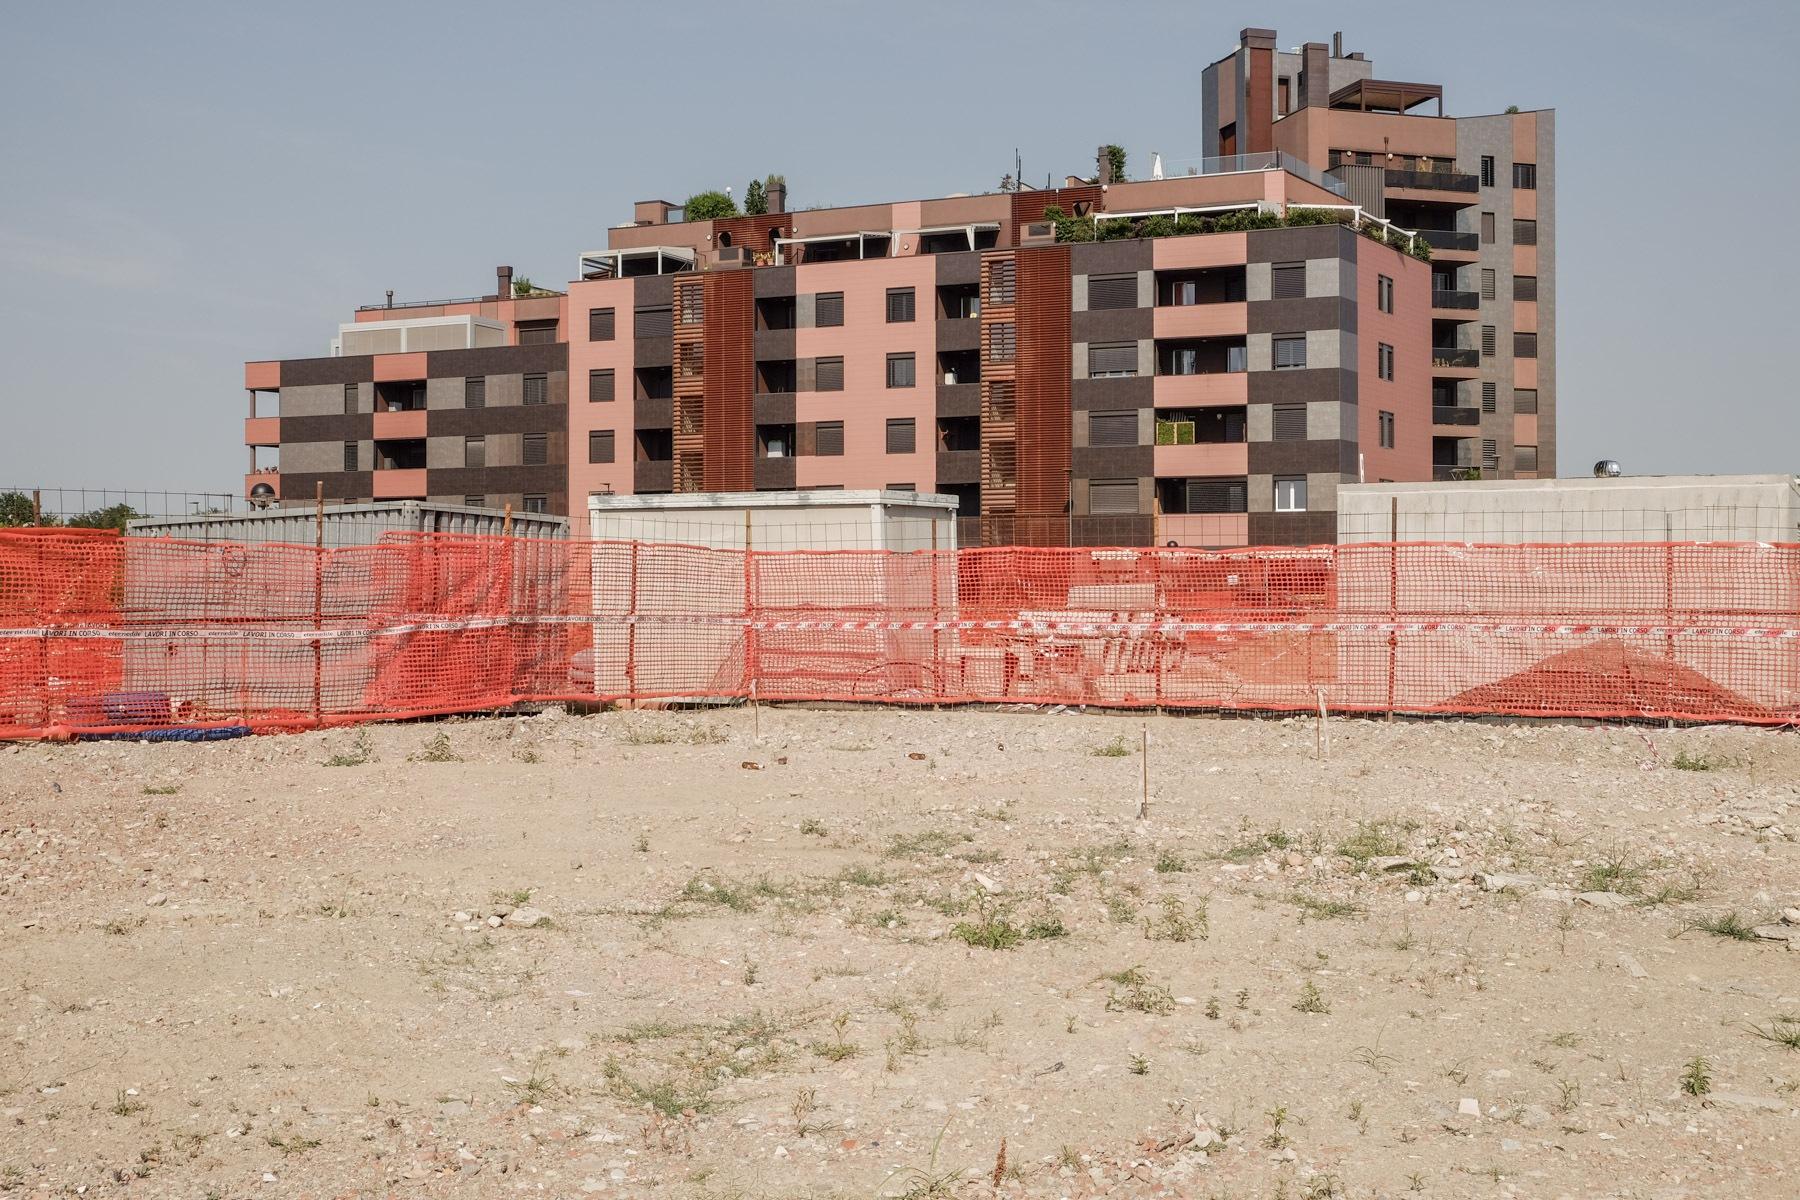 comparto Bertalia Lazzaretto. Il progetto prevede 2000 abitazioni, uffici e spazi dell' Università. Cantiere  aperto dal 2012, i residenti lamentano carenza di collegamenti e di parcheggi adeguati